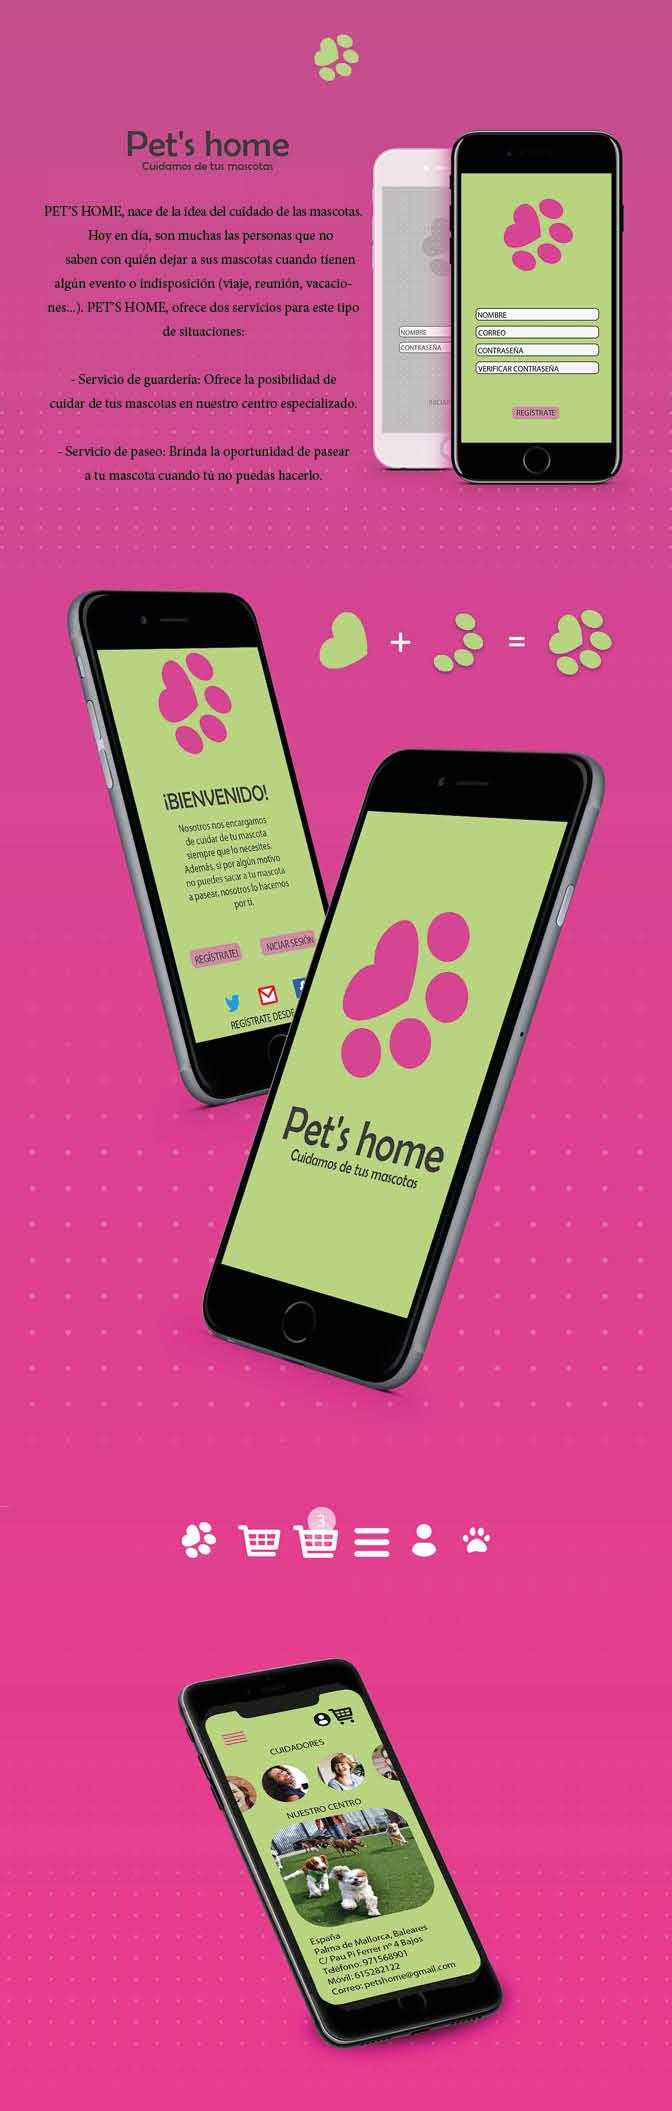 App Mascotas by Raquel Castañeda Gelabert - Creative Work - $i